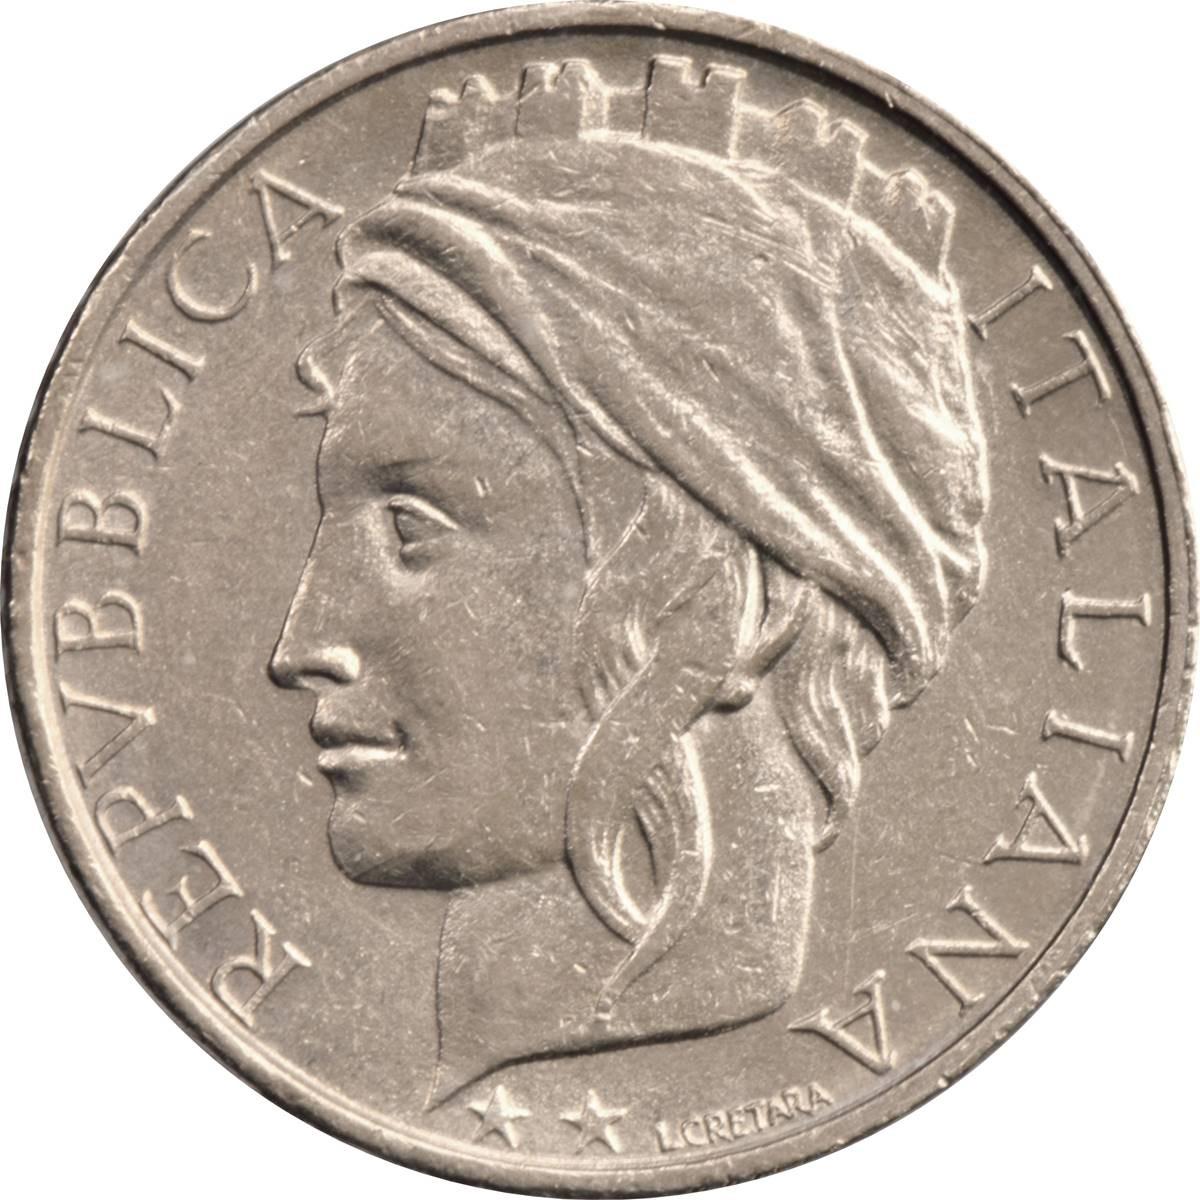 Italy 100 Lire (1993-2001)